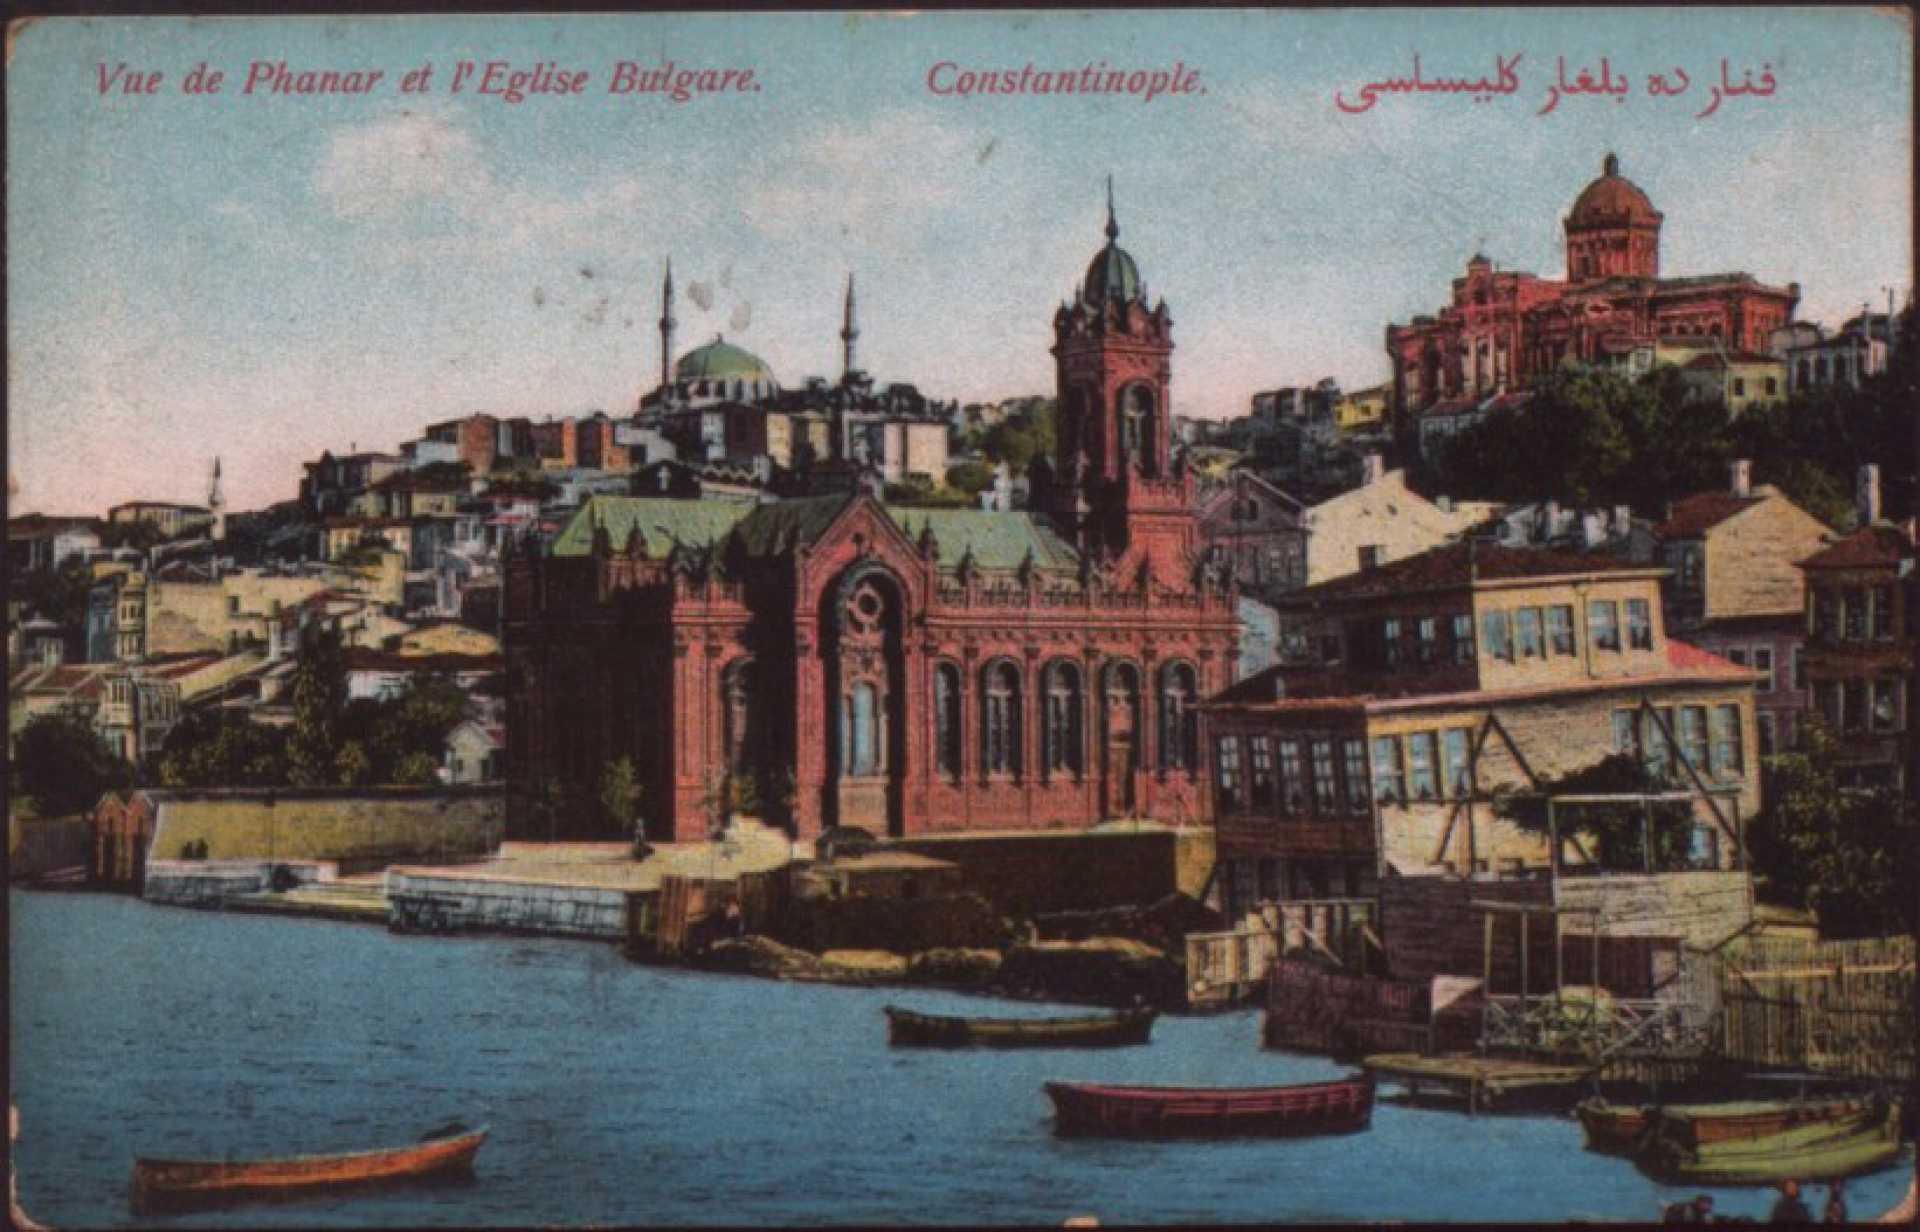 Vue de Phanar et l'Eglise Bulgare